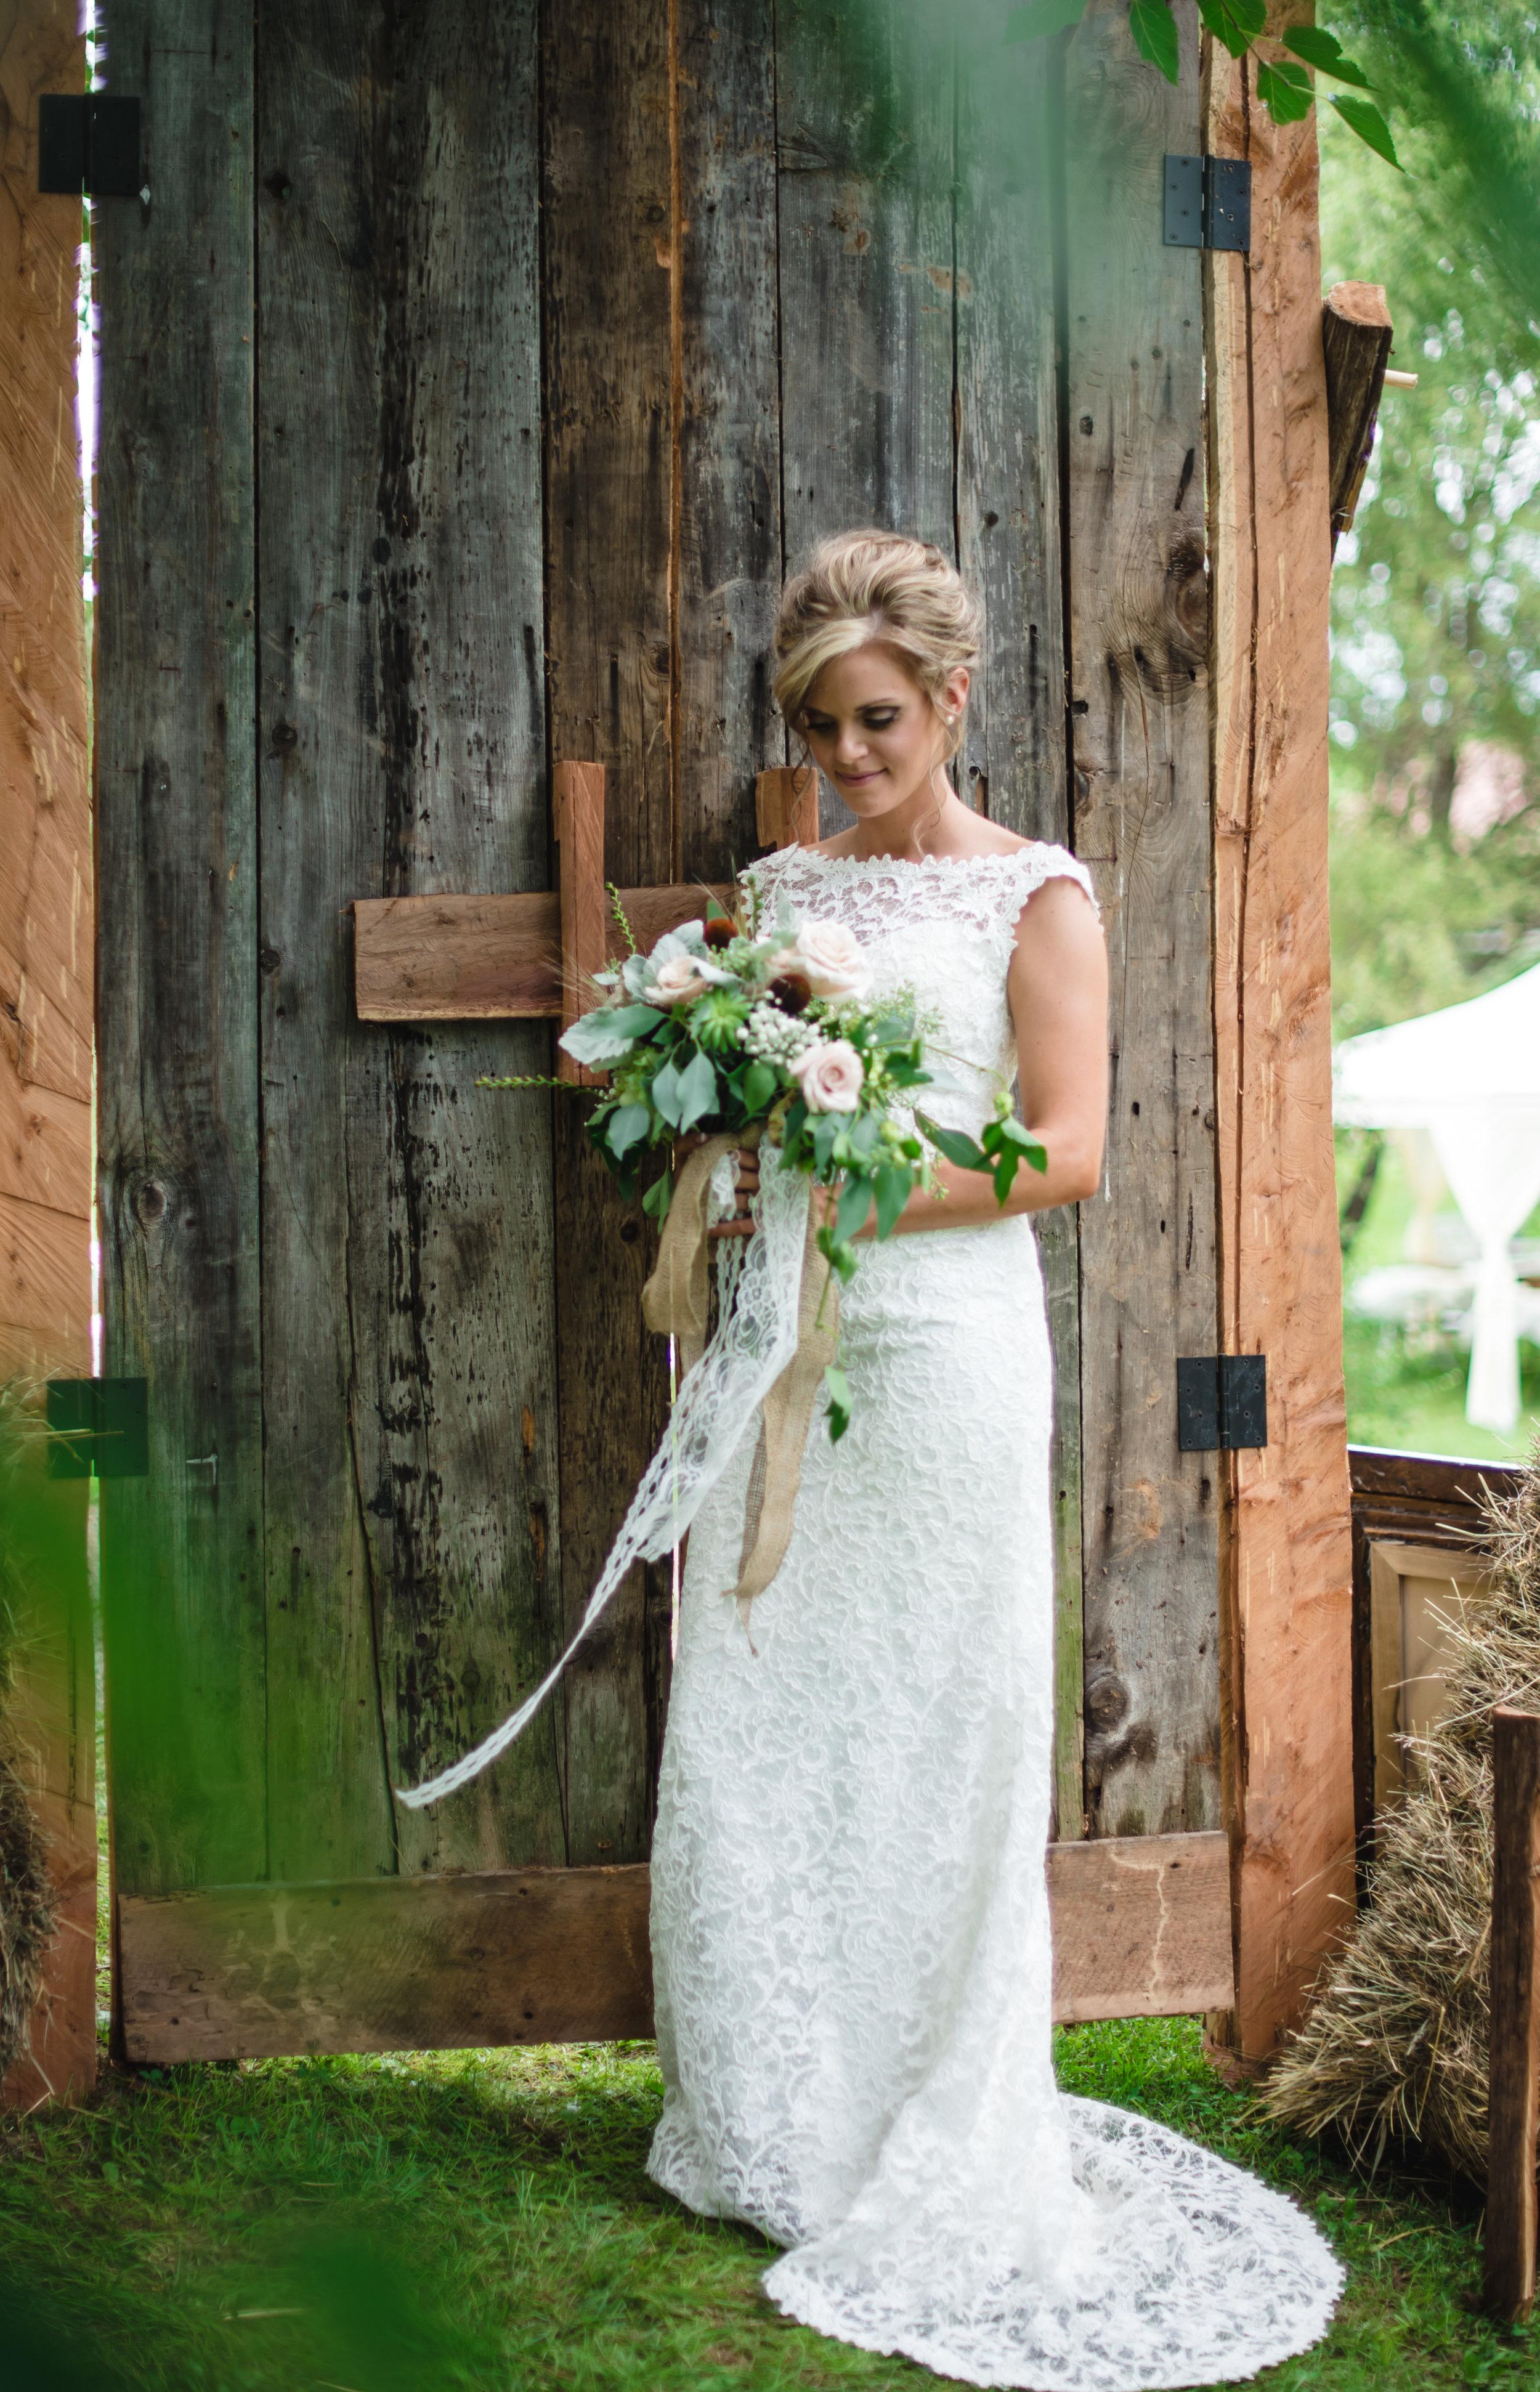 echo-hollow-farm-virginia-wedding.jpg